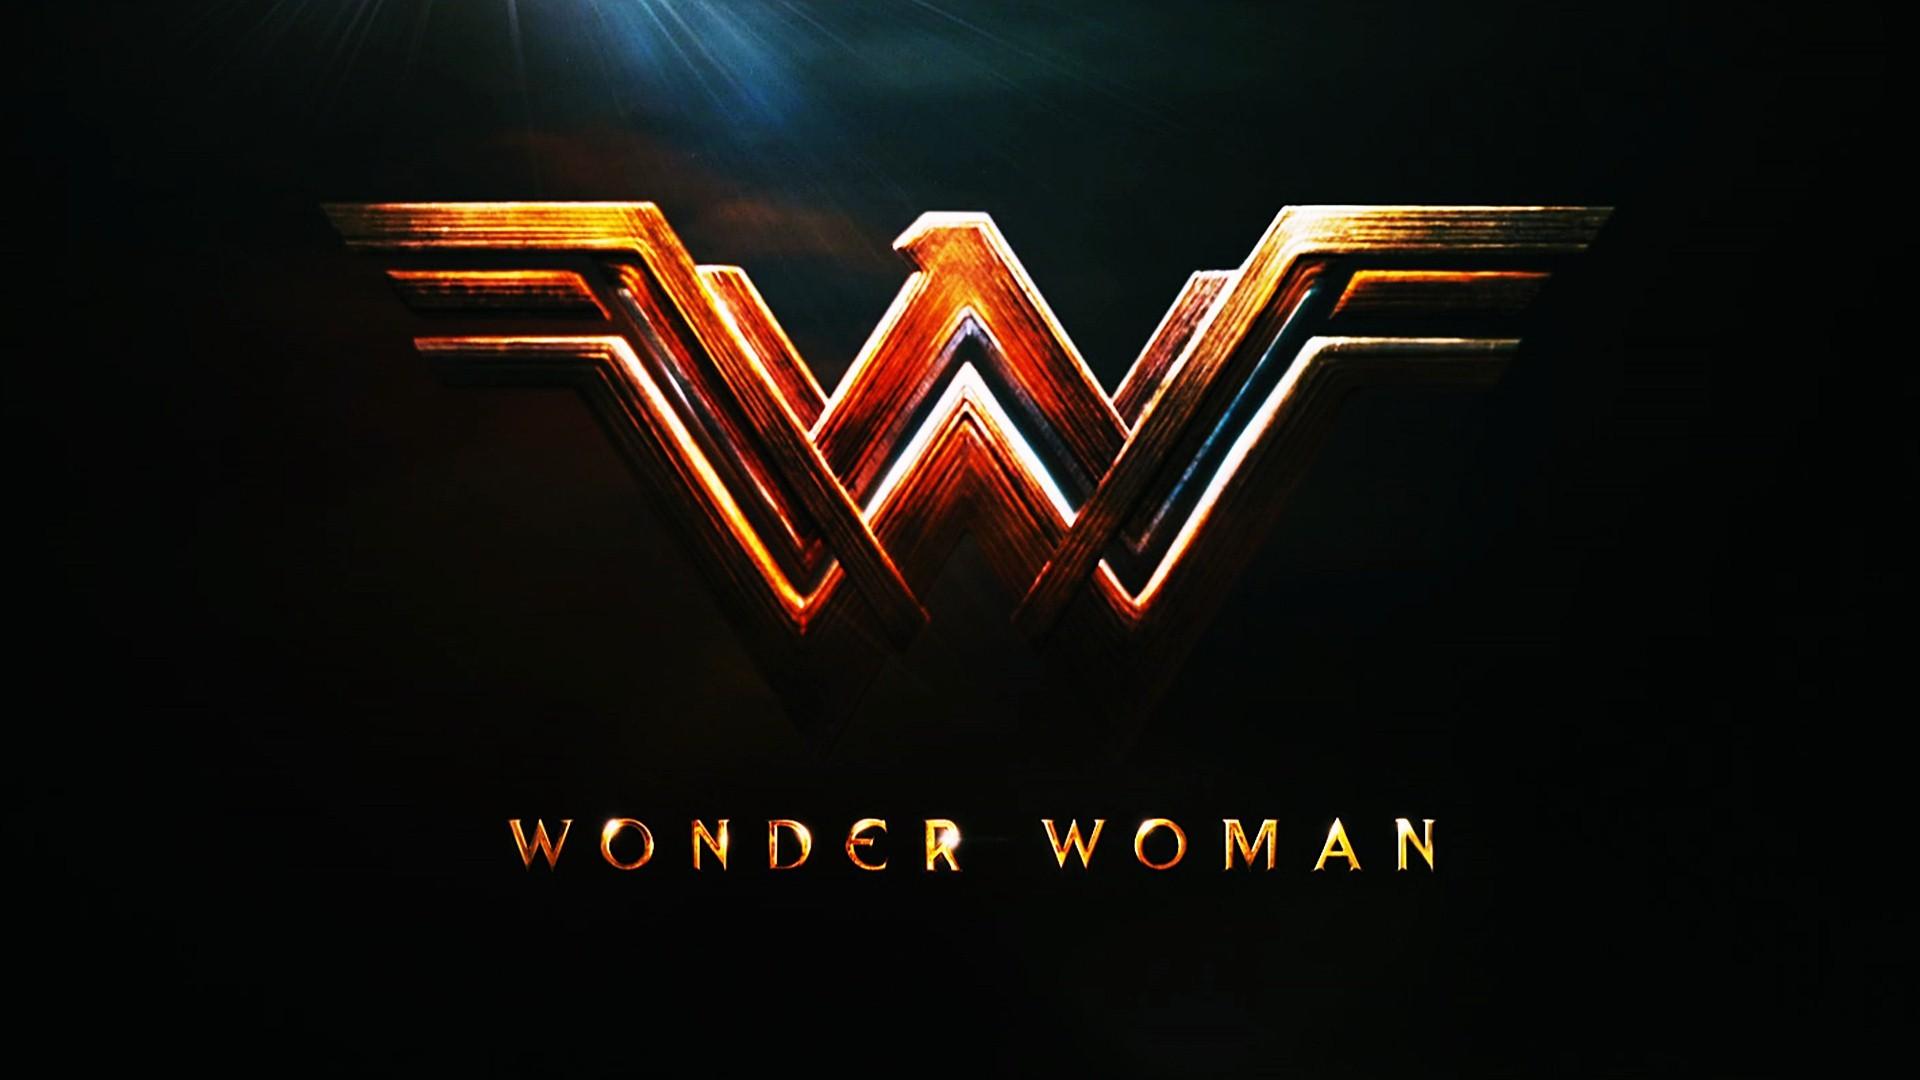 Wonder Woman Logo Wallpaper